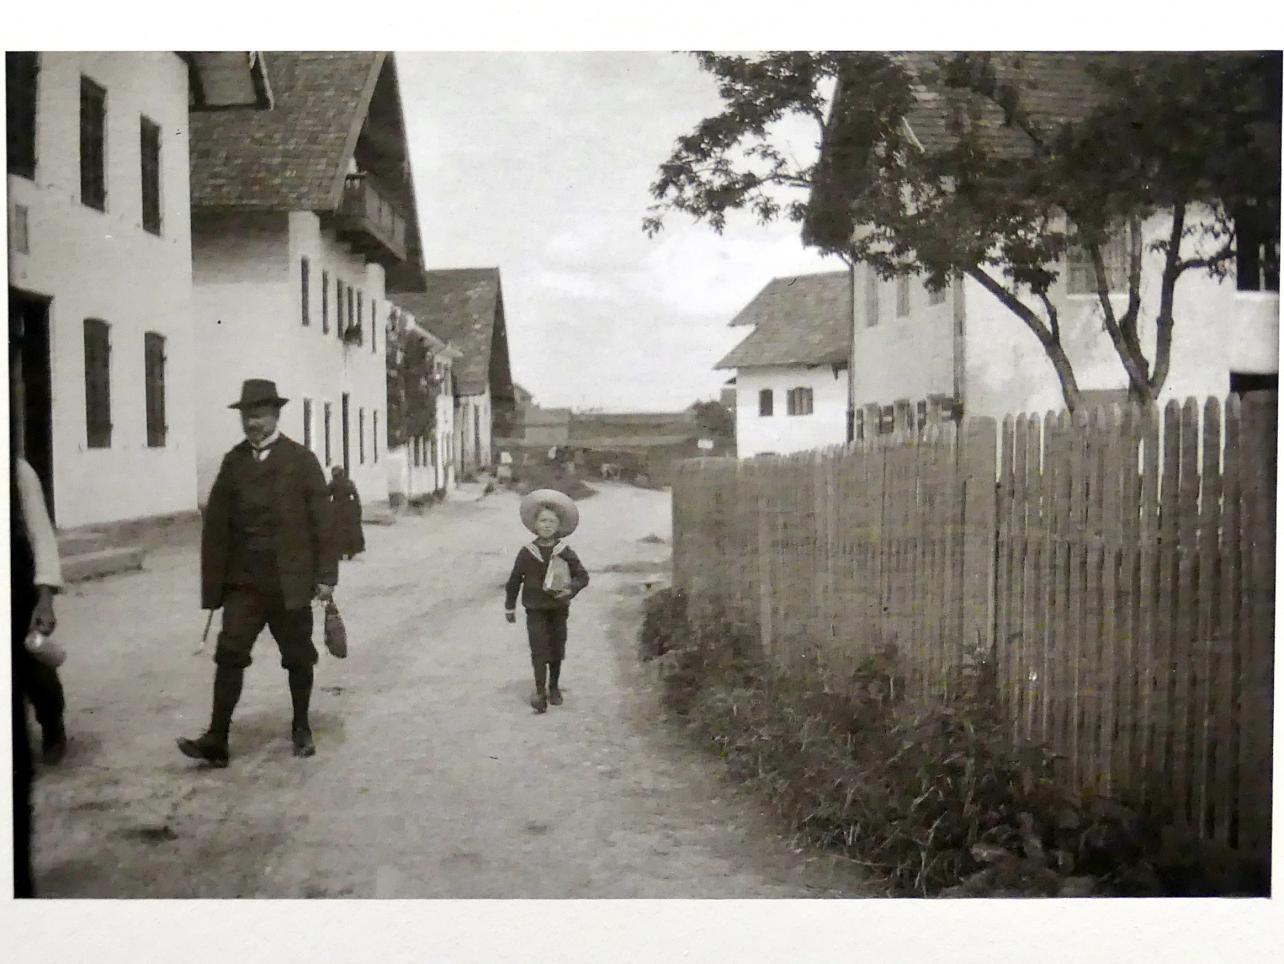 """München, Lenbachhaus, Kunstbau, Ausstellung """"Lebensmenschen"""" vom 22.10.2019-16.2.2020, München, Murnau, Oberstdorf, 1908-1913, Bild 17/17"""